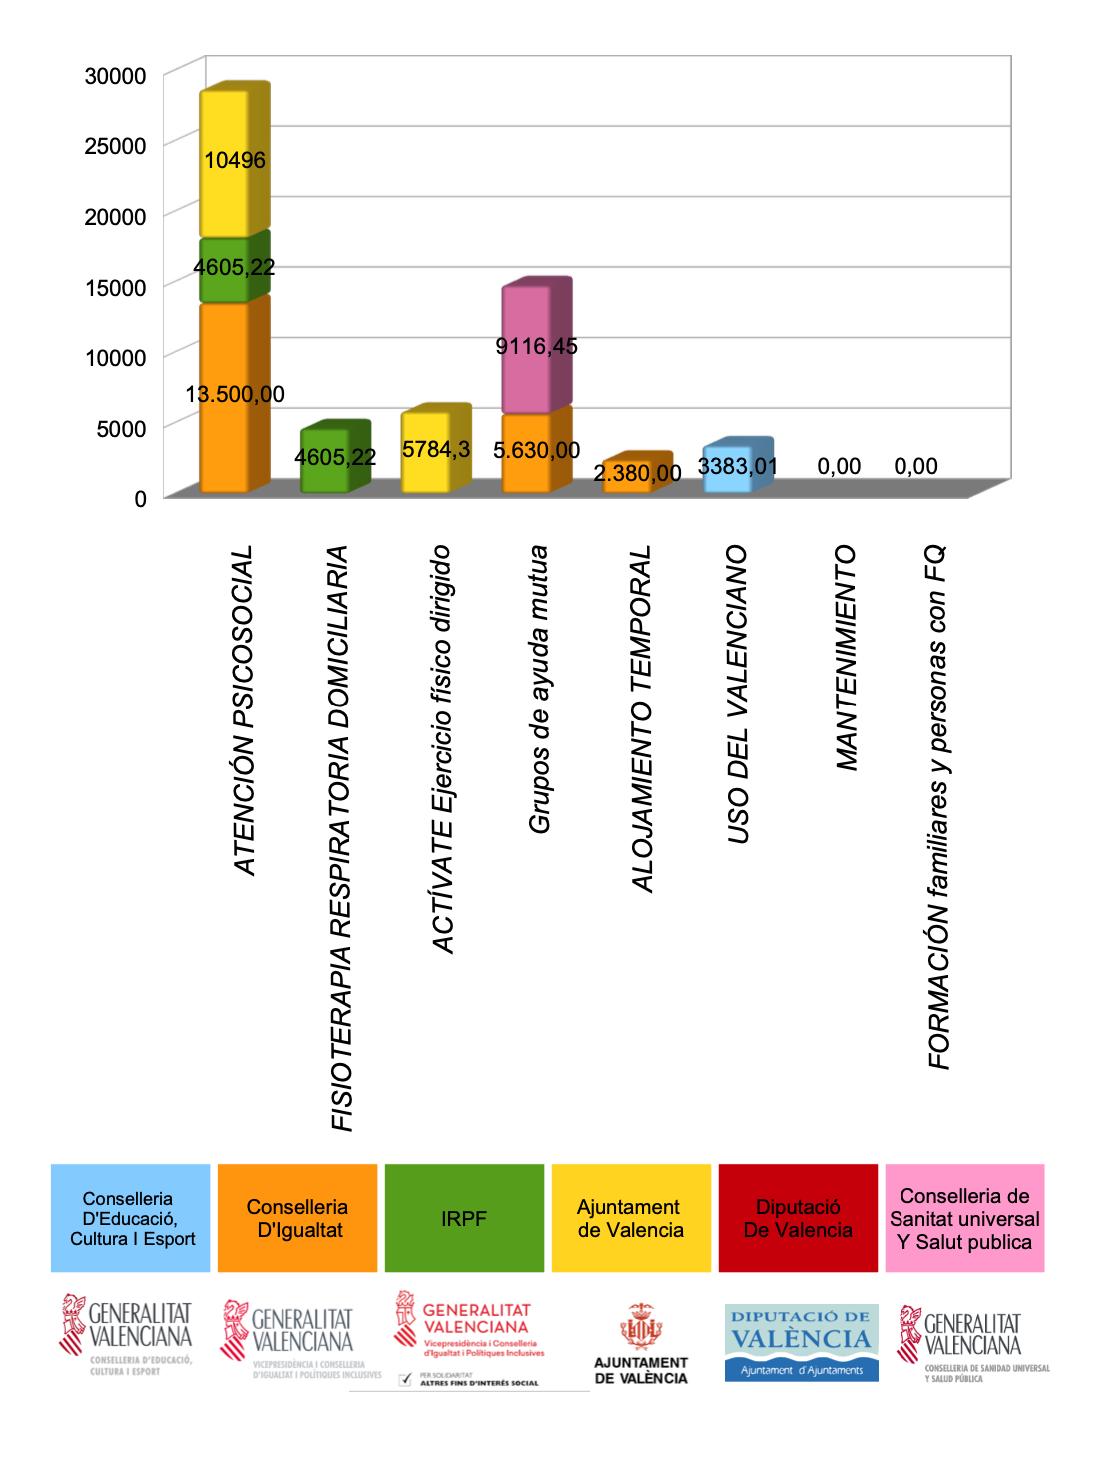 Gráfico sobre las subvenciones recibidas públicas en 2020